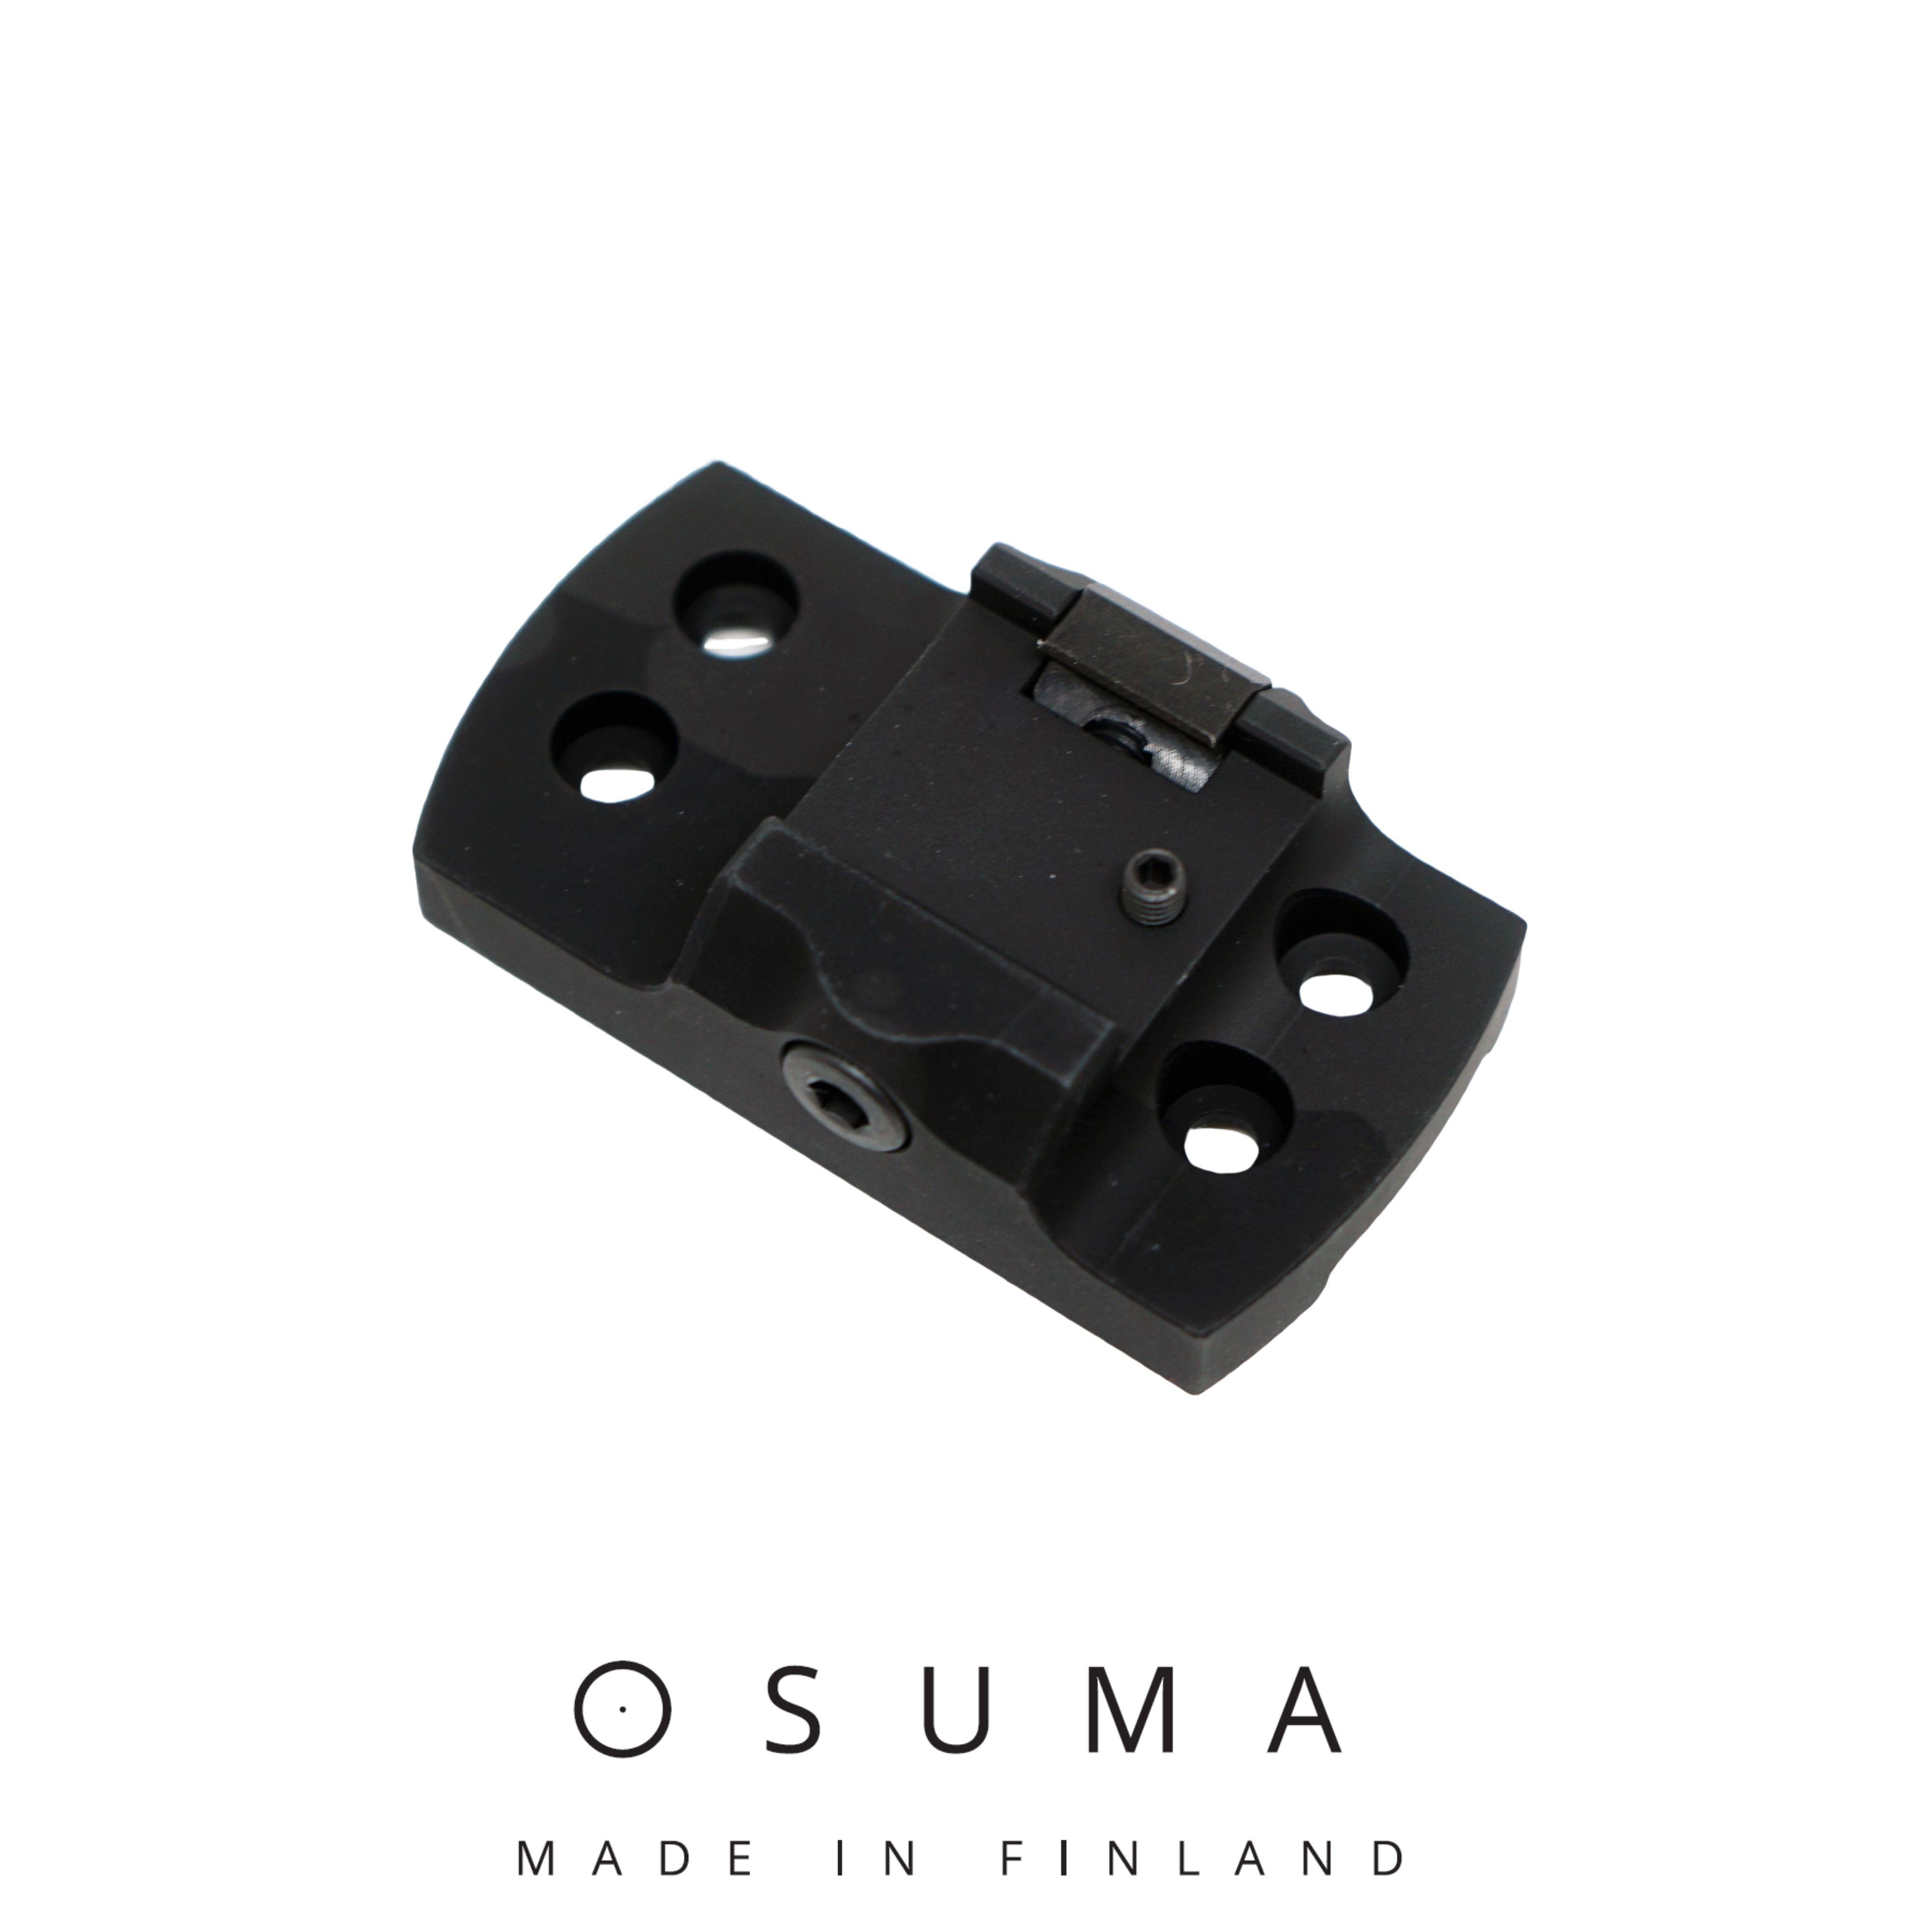 Osuma Aimpoint Micro jalusta Tikka